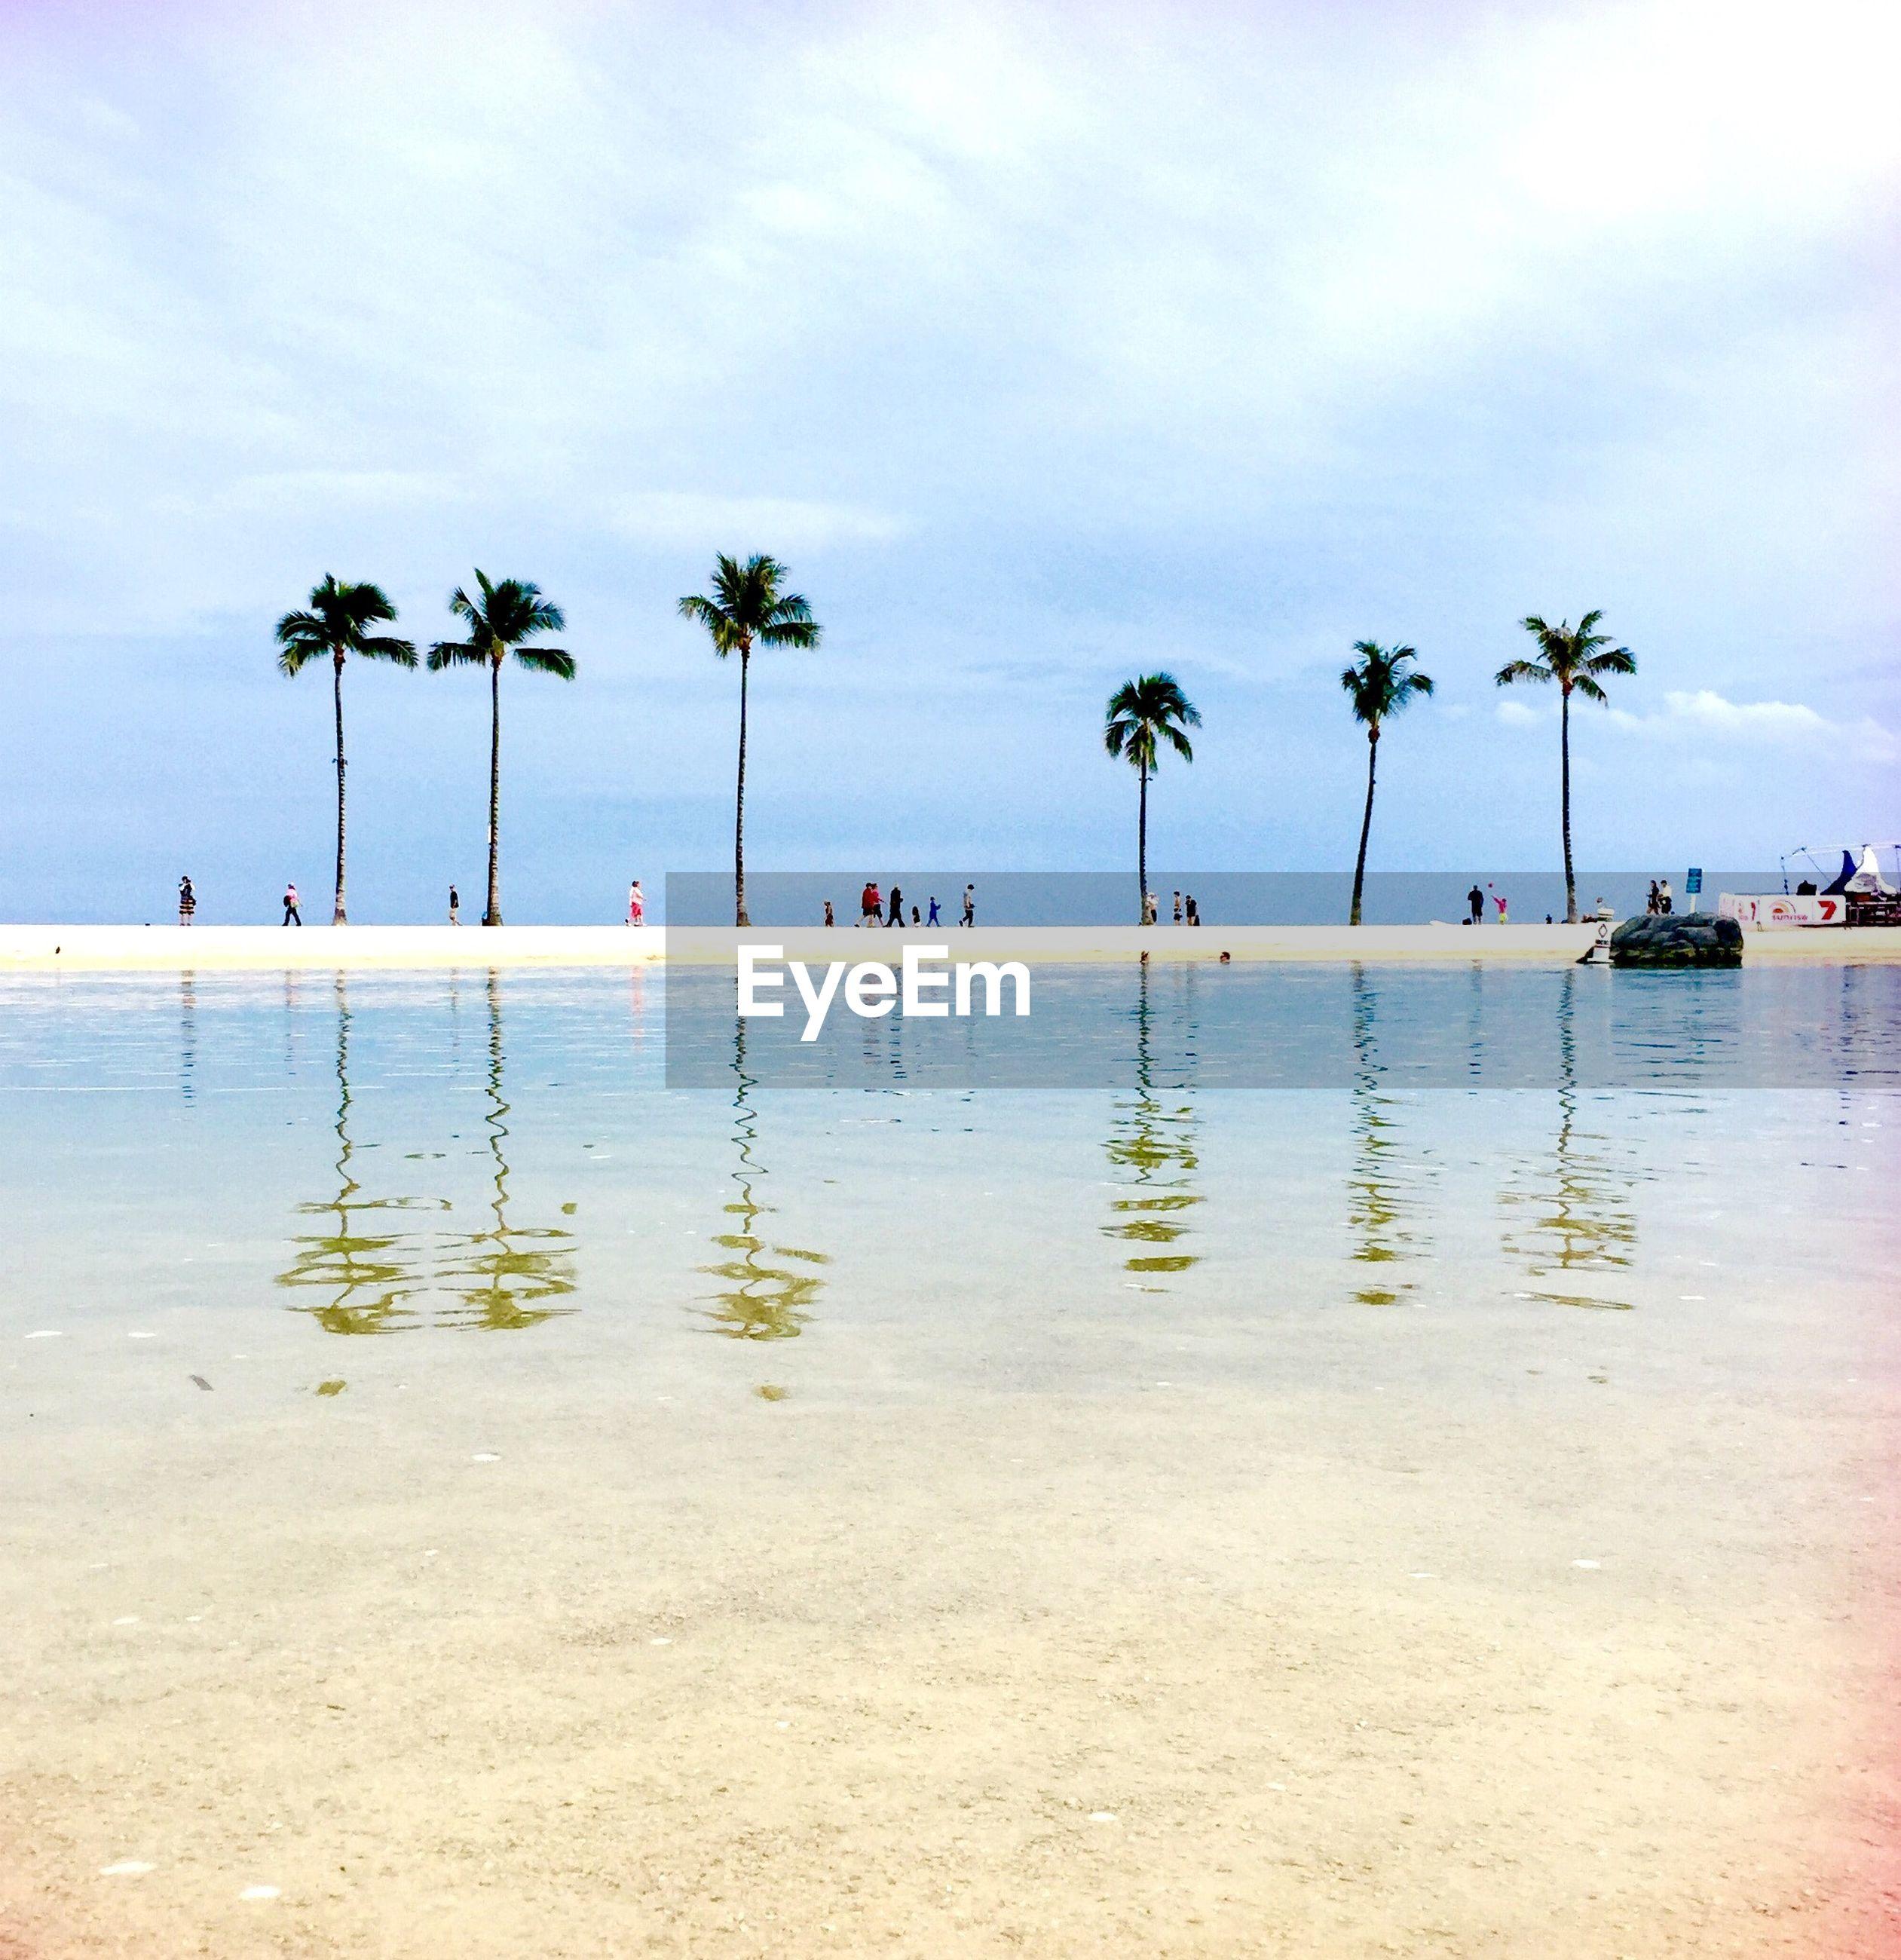 Palm trees on beach against cloudy sky